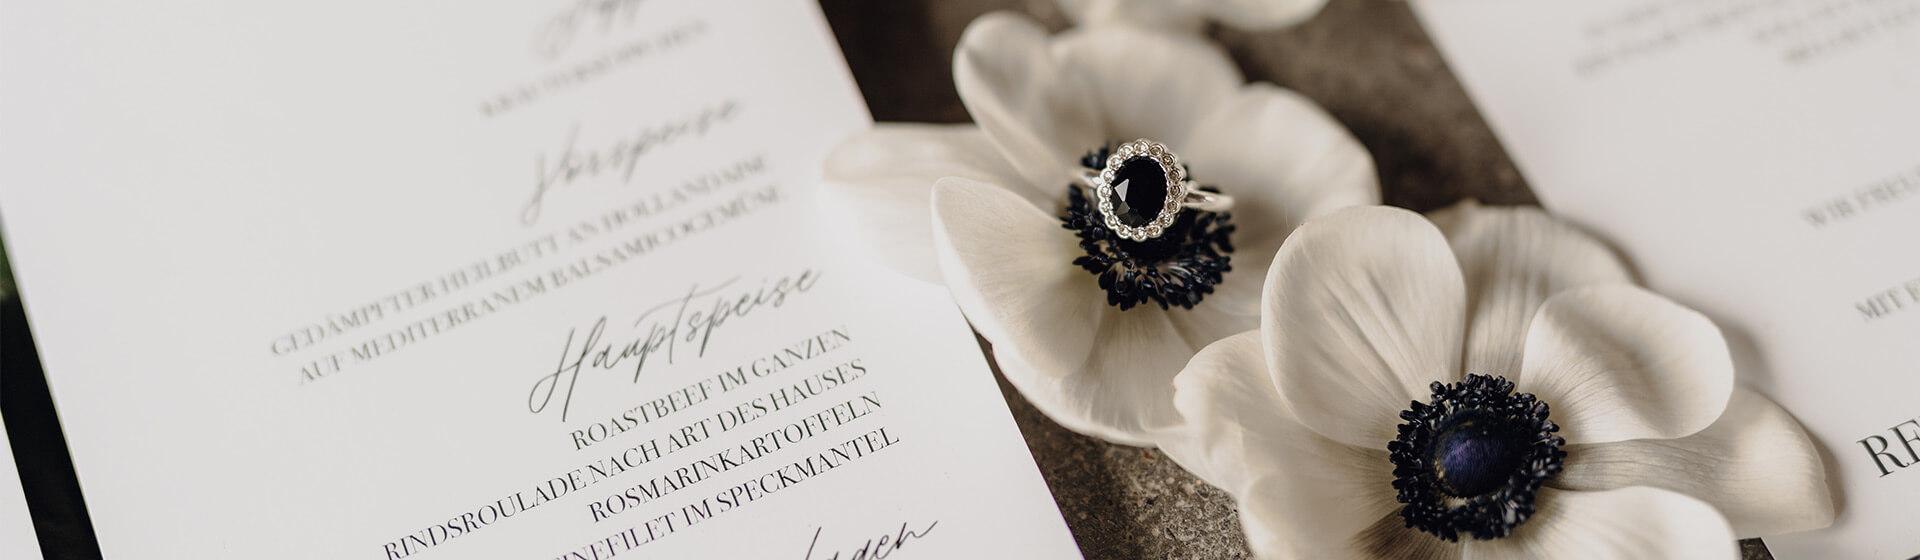 Papeterie mit Blumen und Ehering